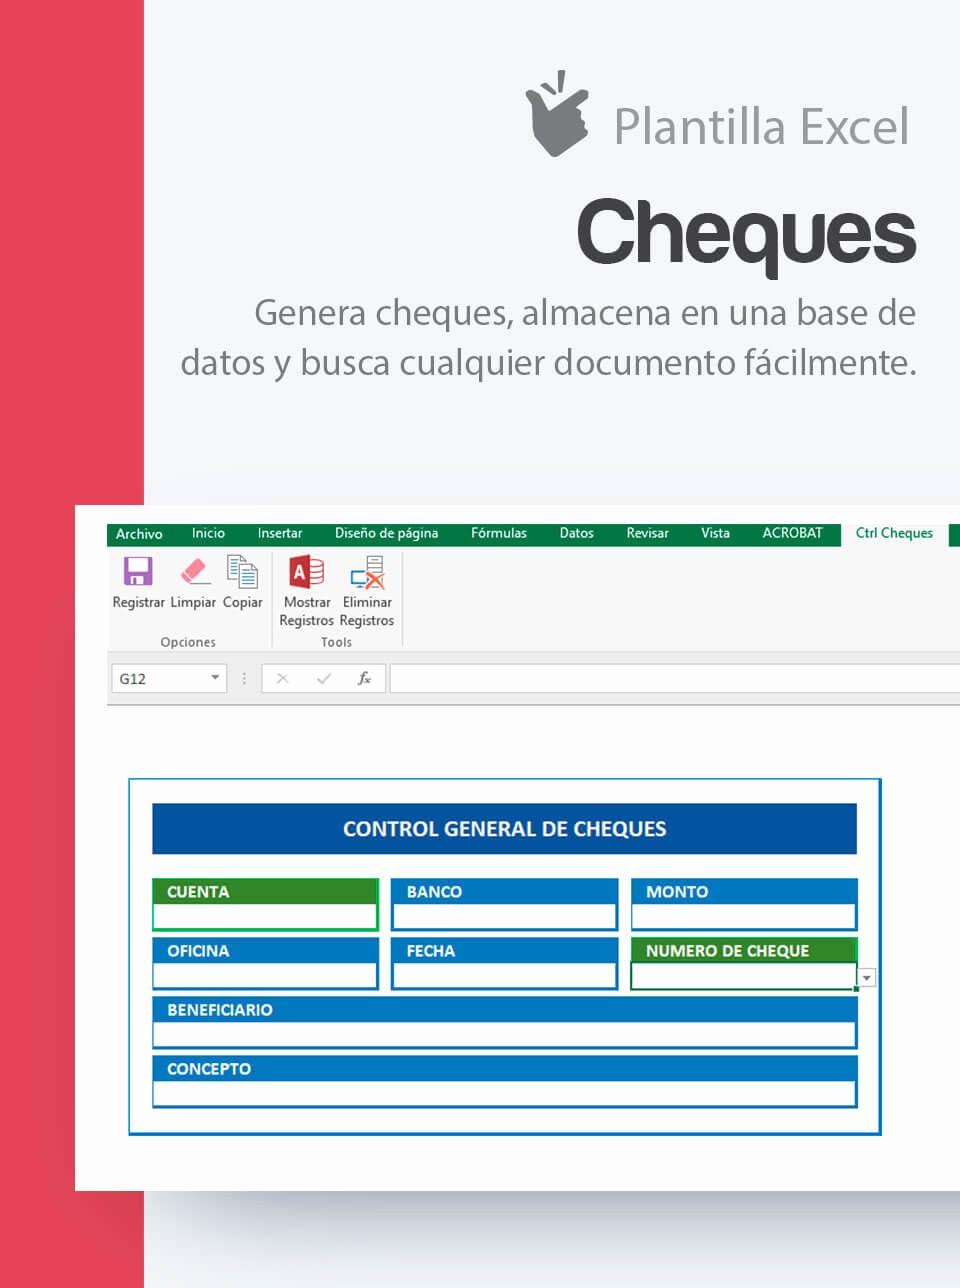 Formato Extracto Bancario En Excel Luxury Plantilla Para Generación De Cheques